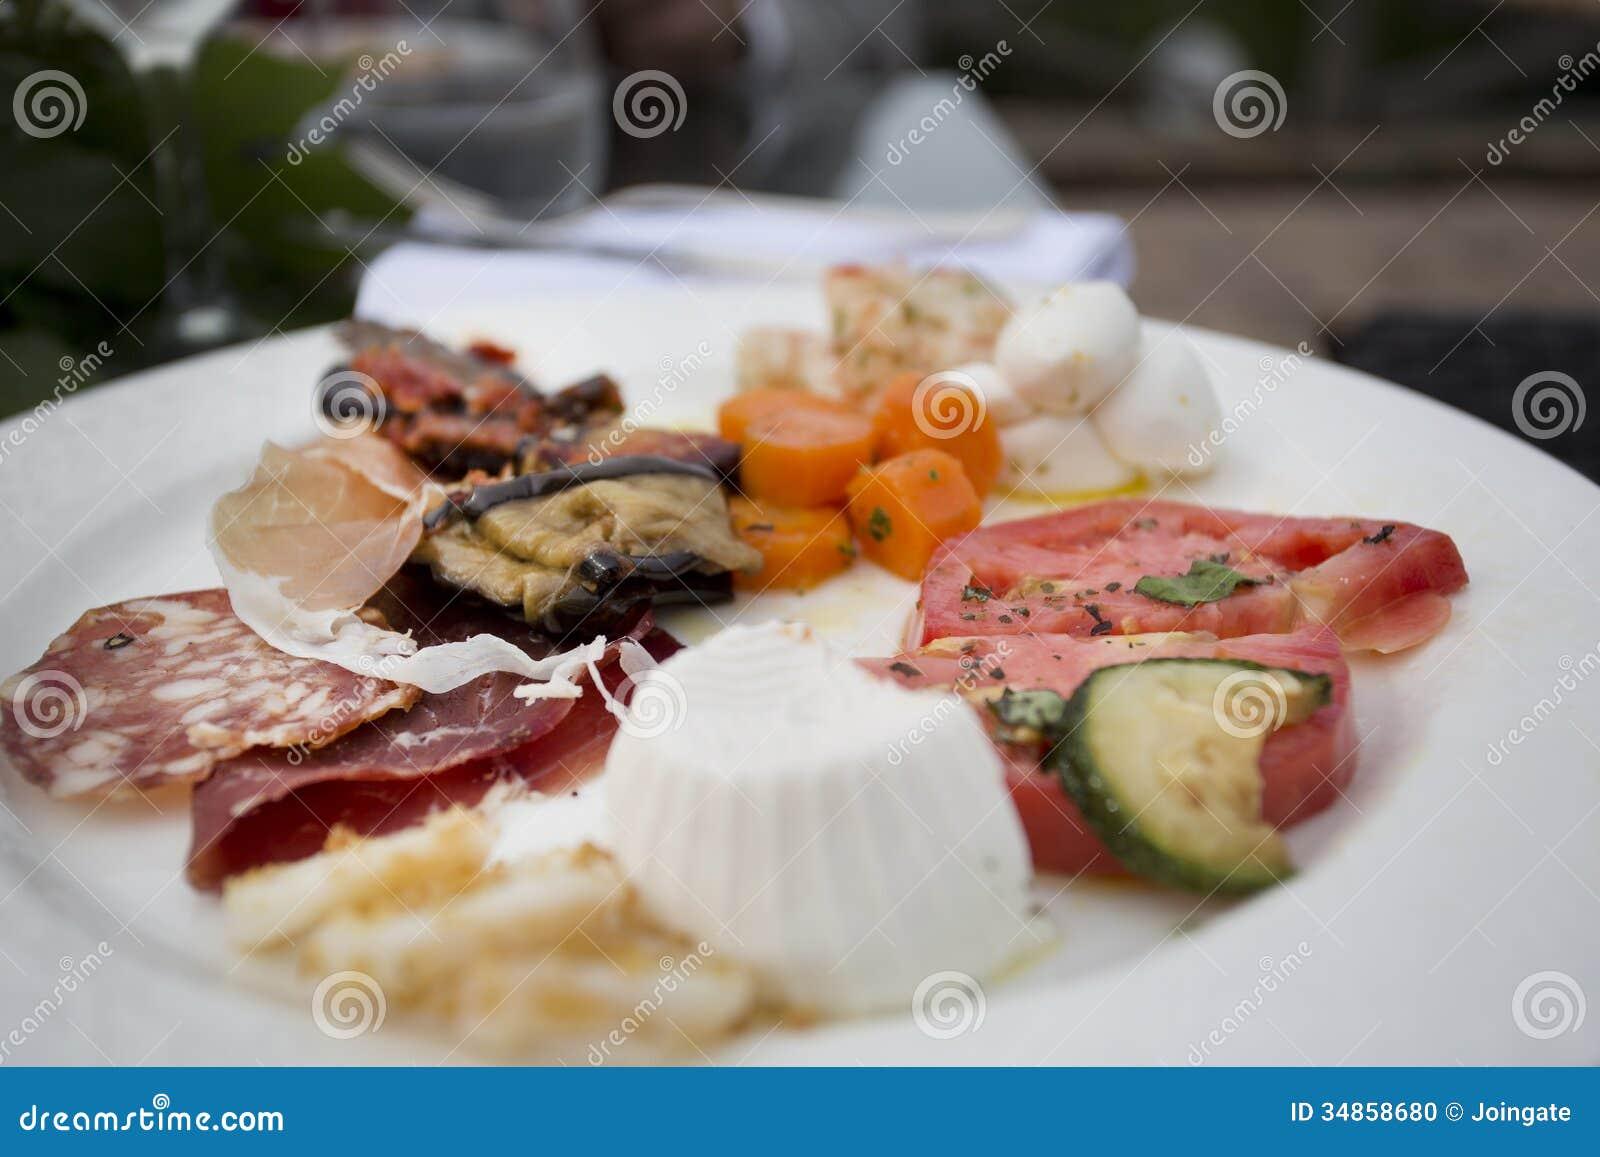 Italian anti pasti starter